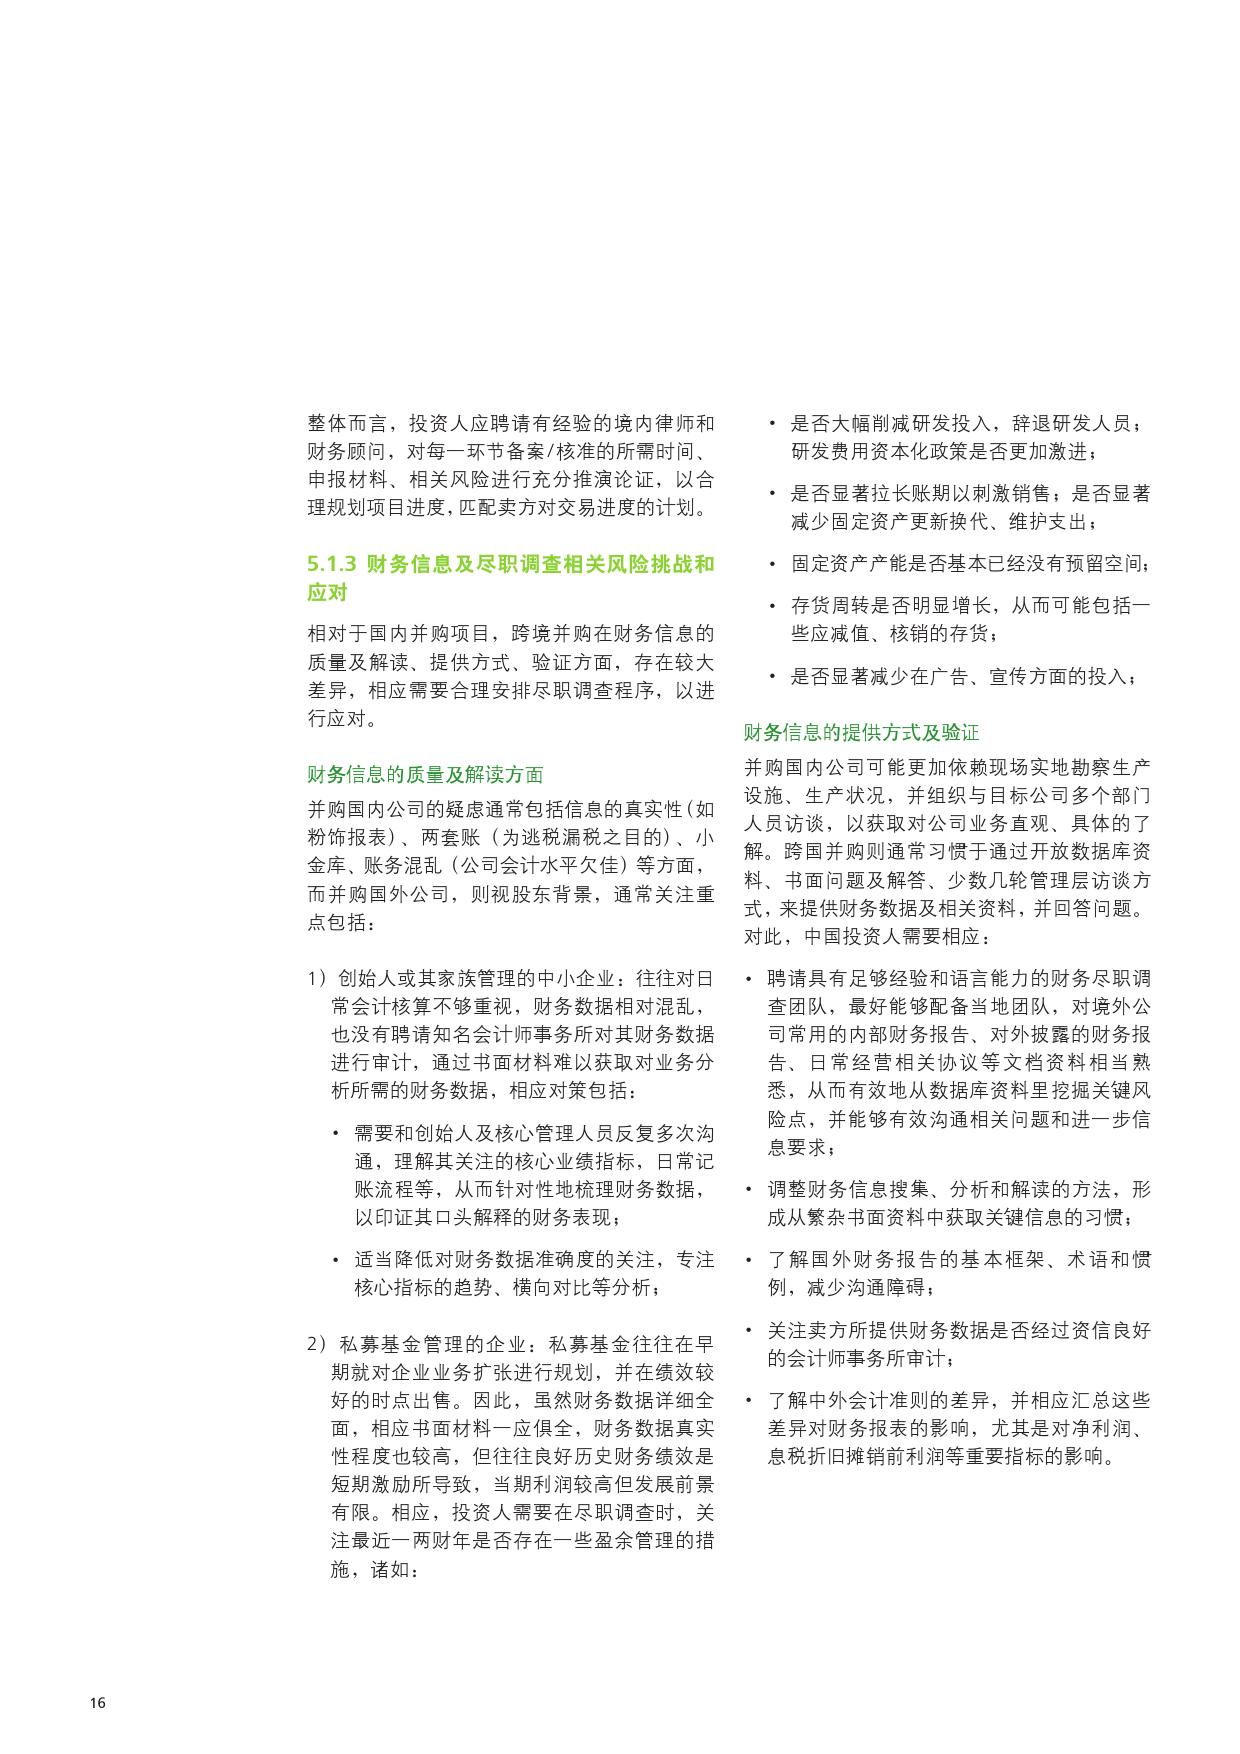 2016中国汽车行业对外投资报告_000018